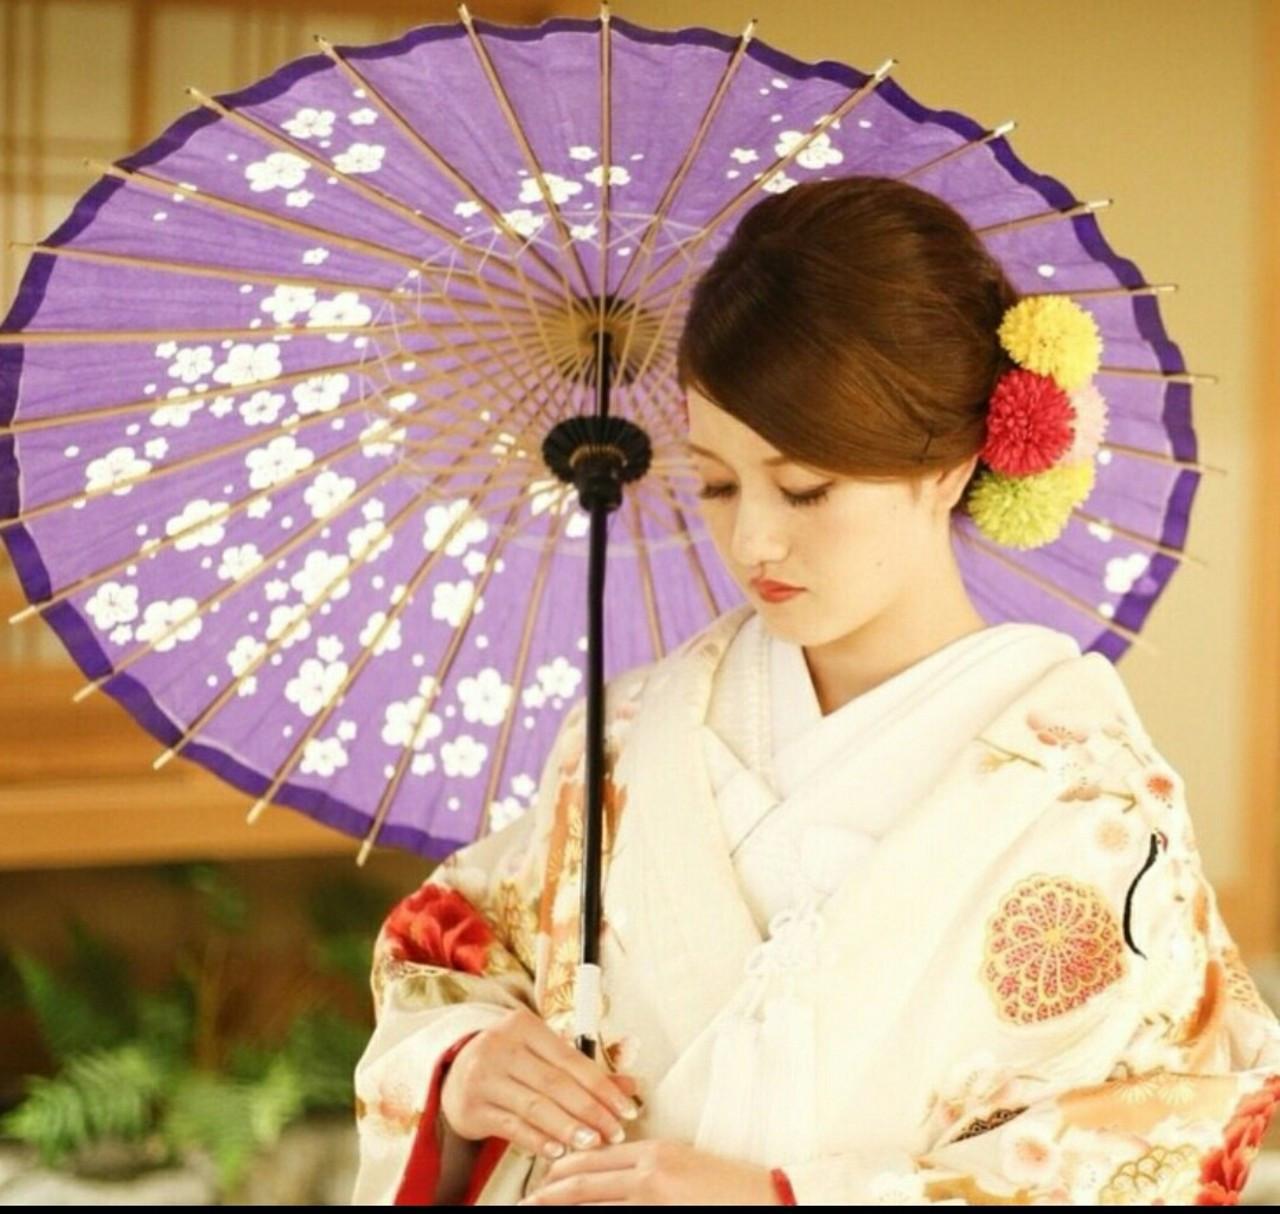 花嫁 エレガント 結婚式 上品 ヘアスタイルや髪型の写真・画像